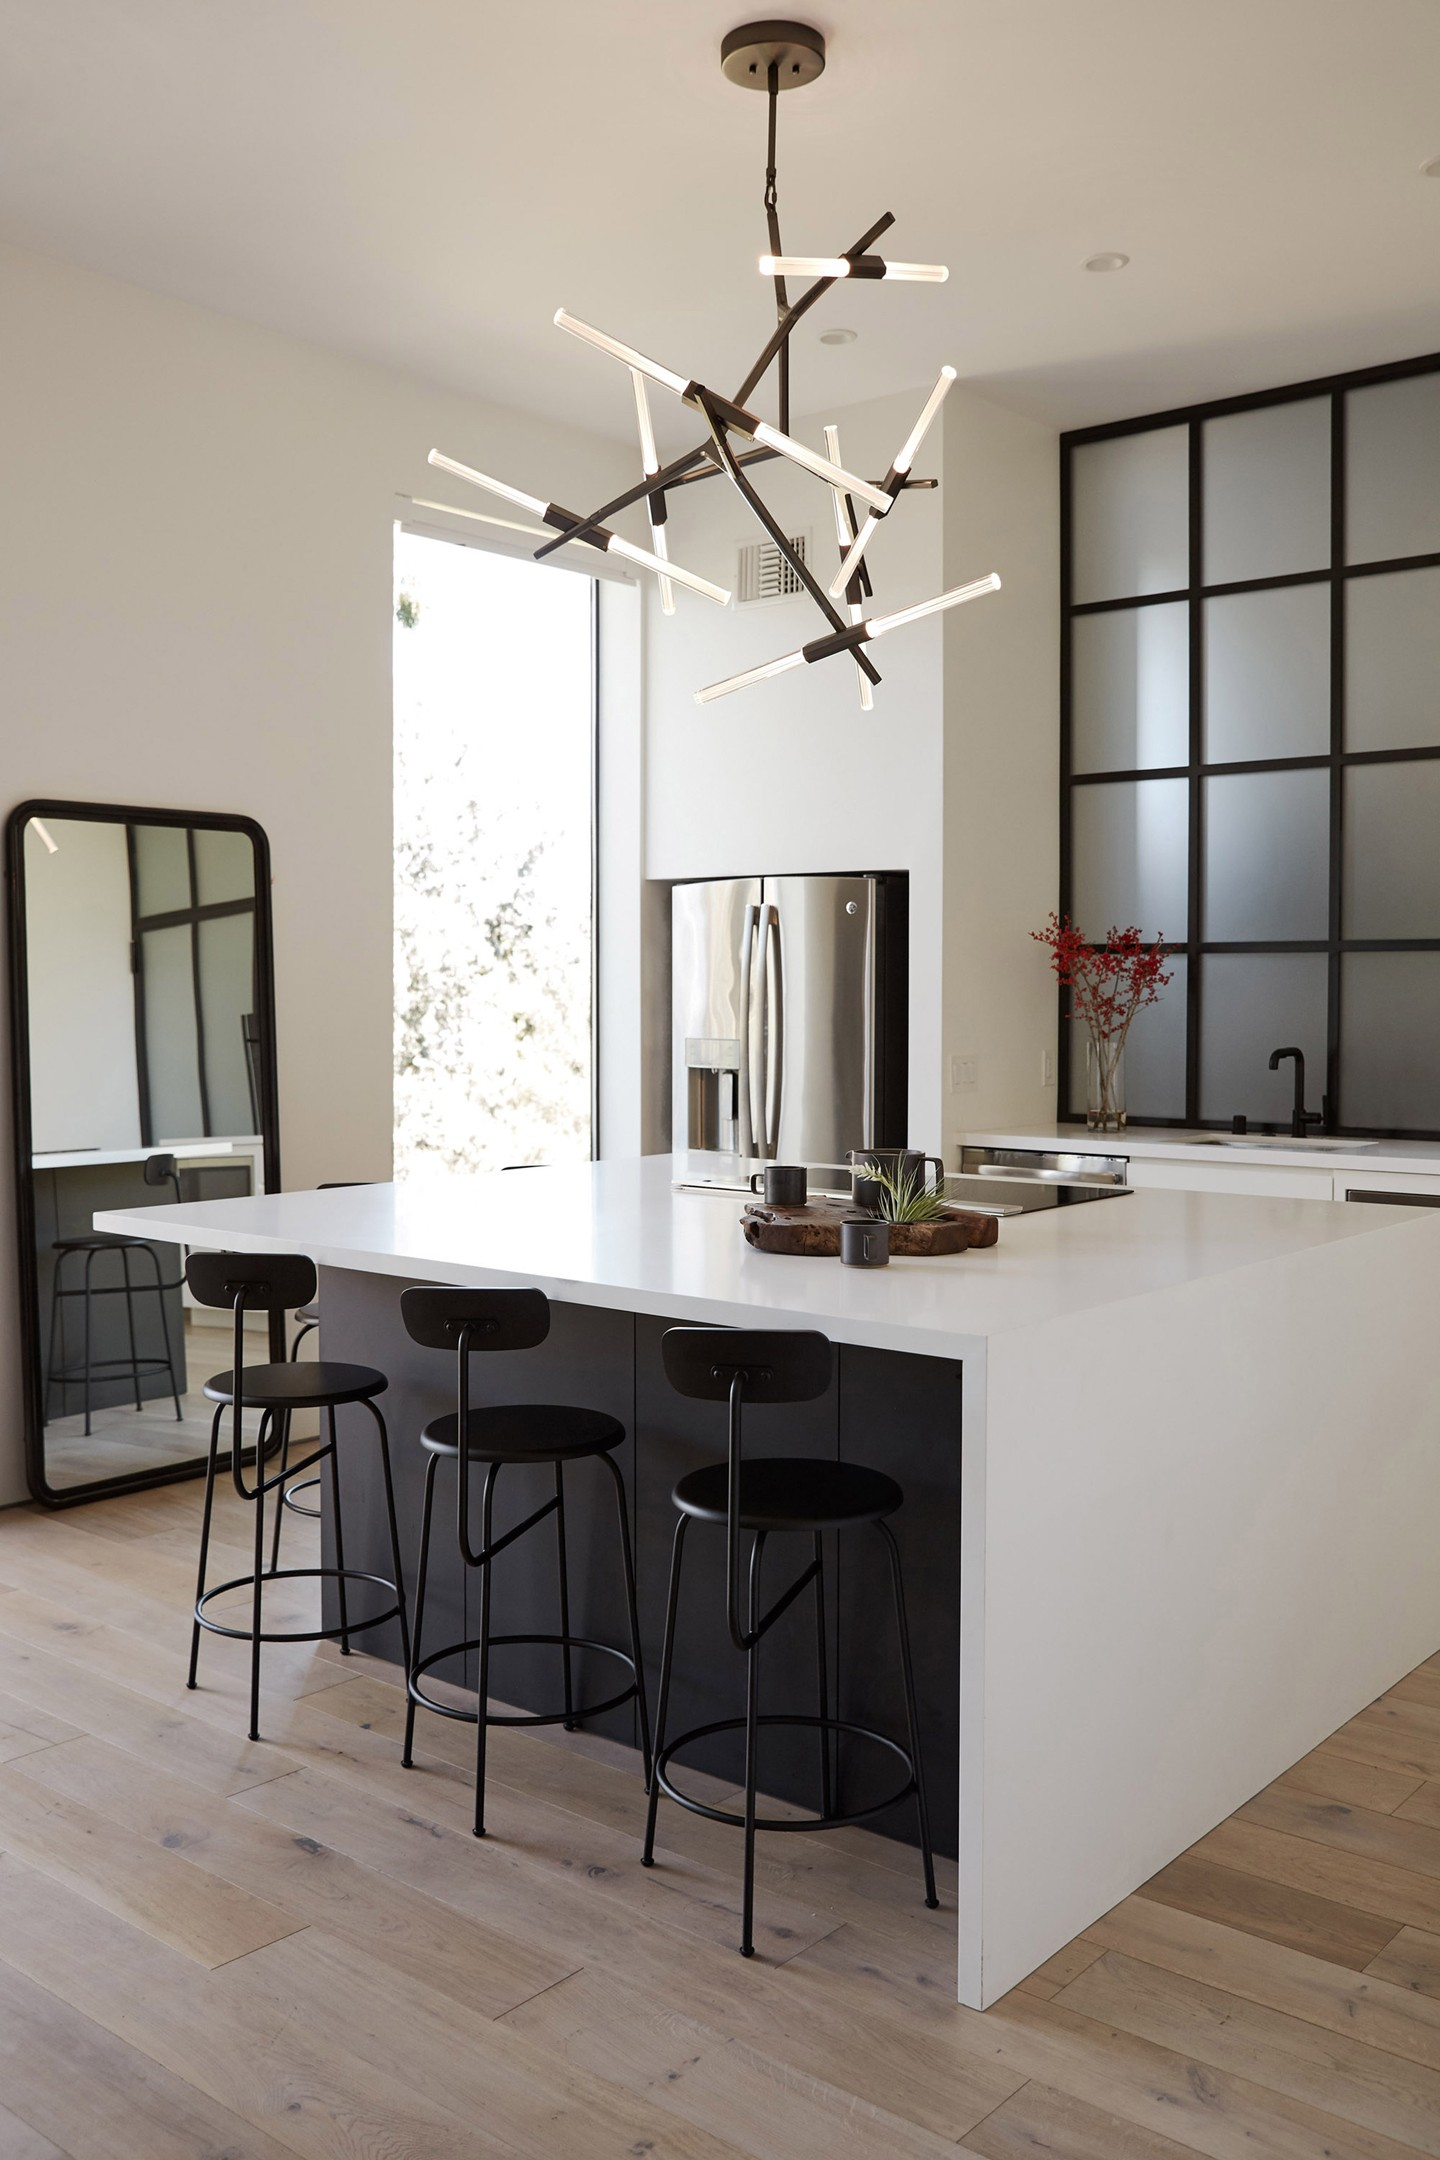 Décor do dia: decoração minimalista na cozinha  (Foto: Airbnb/Divulgação)